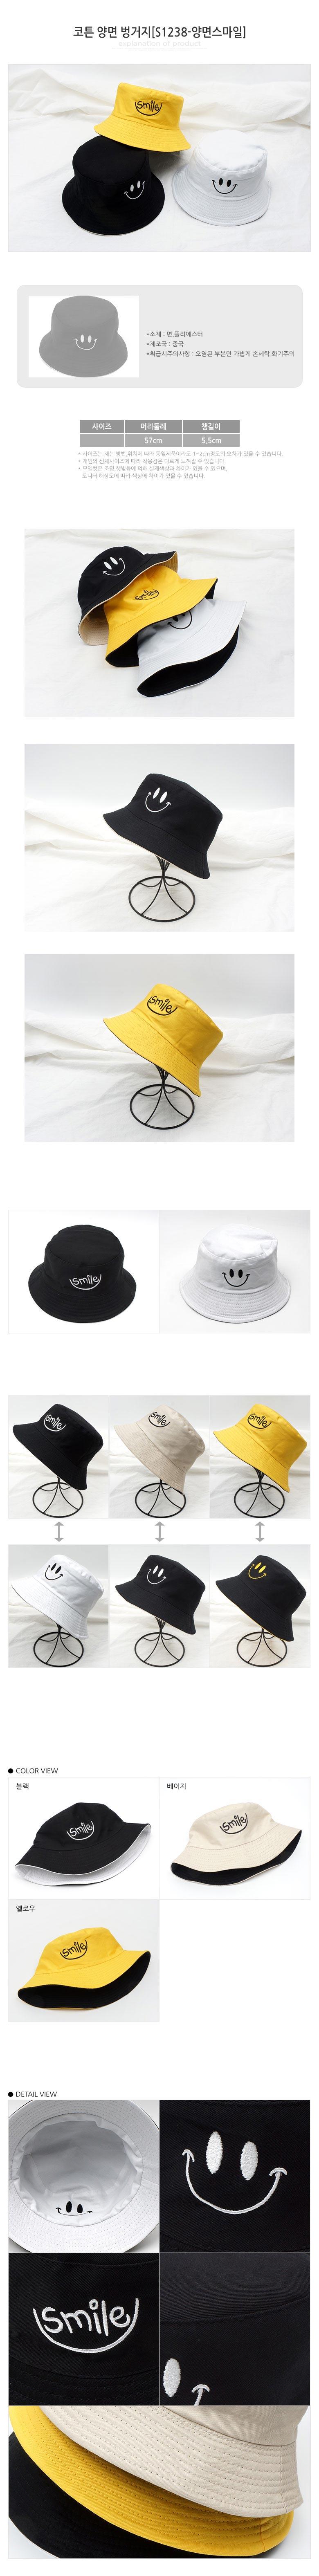 코튼 양면 벙거지 S1238-양면스마일 여름모자 - 익스트리모, 11,000원, 모자, 버킷햇